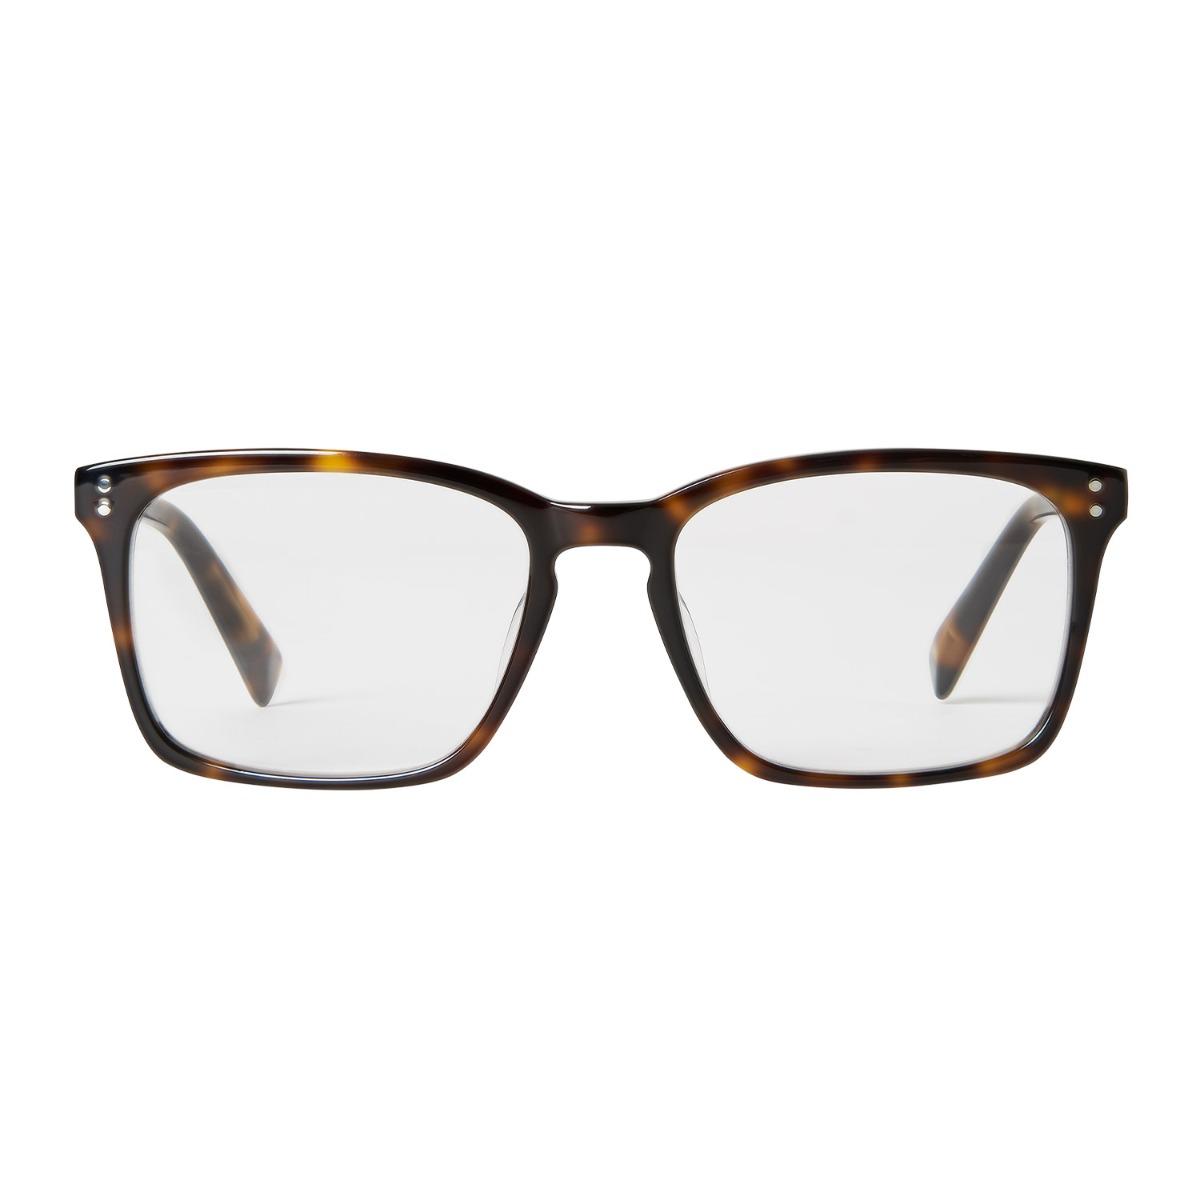 Designtorget Läsglasögon DT Fyrkantig Brun +1,5